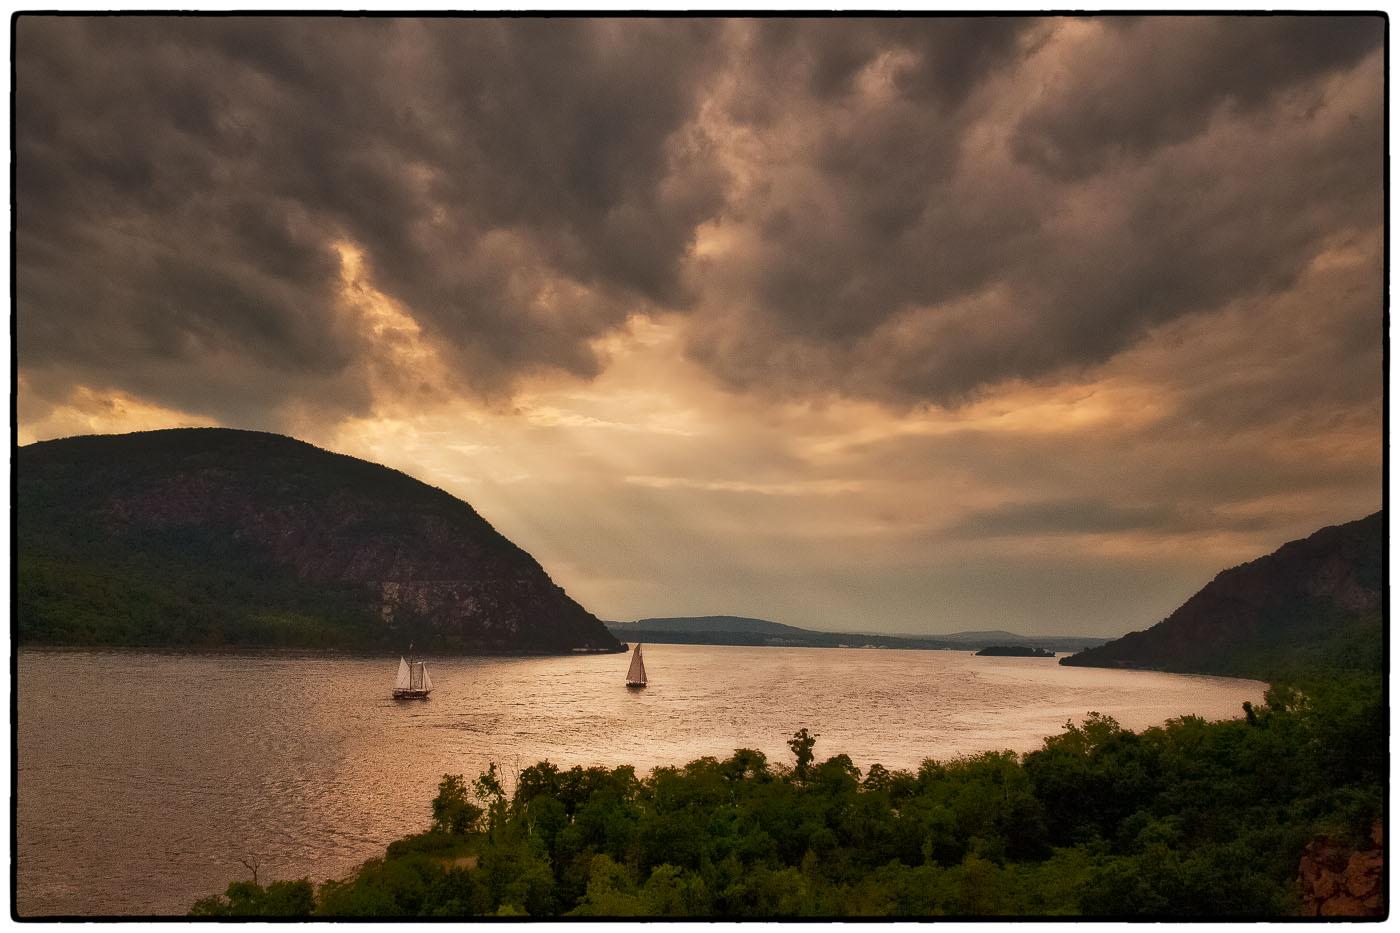 Landscape hudson valley photography websites botanical for Art and photography websites